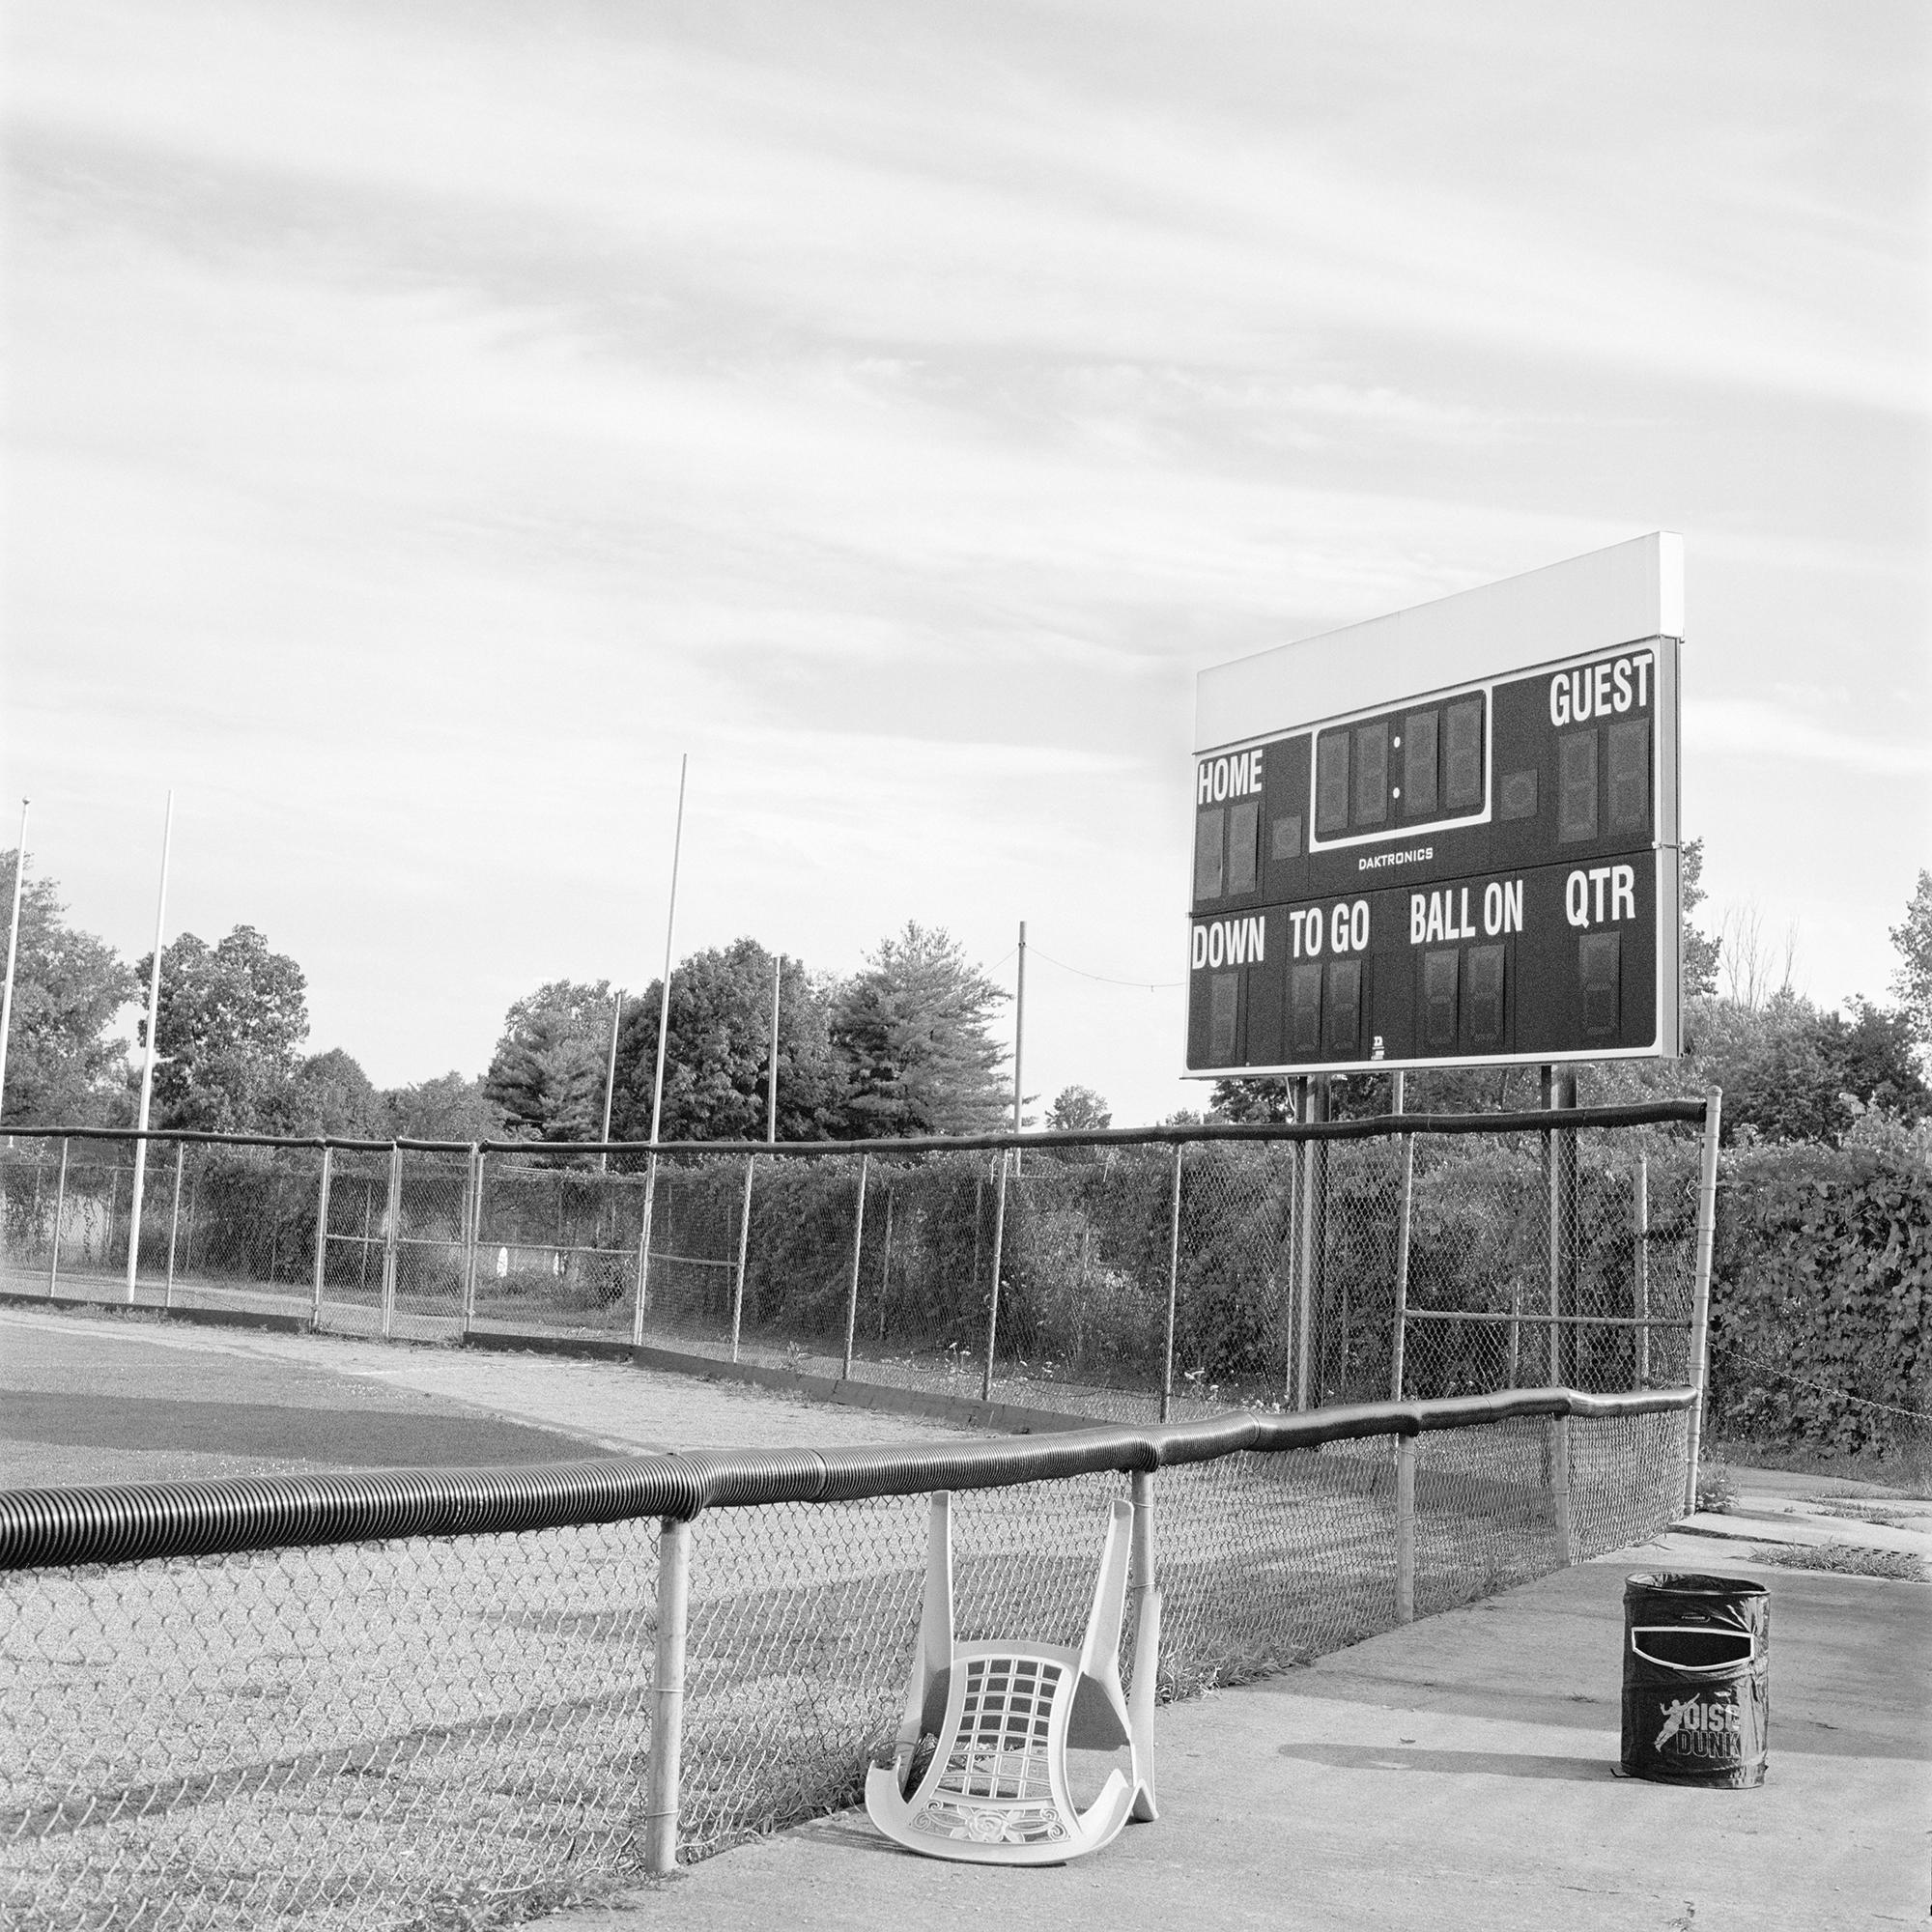 East Field, 2012SPOTTING